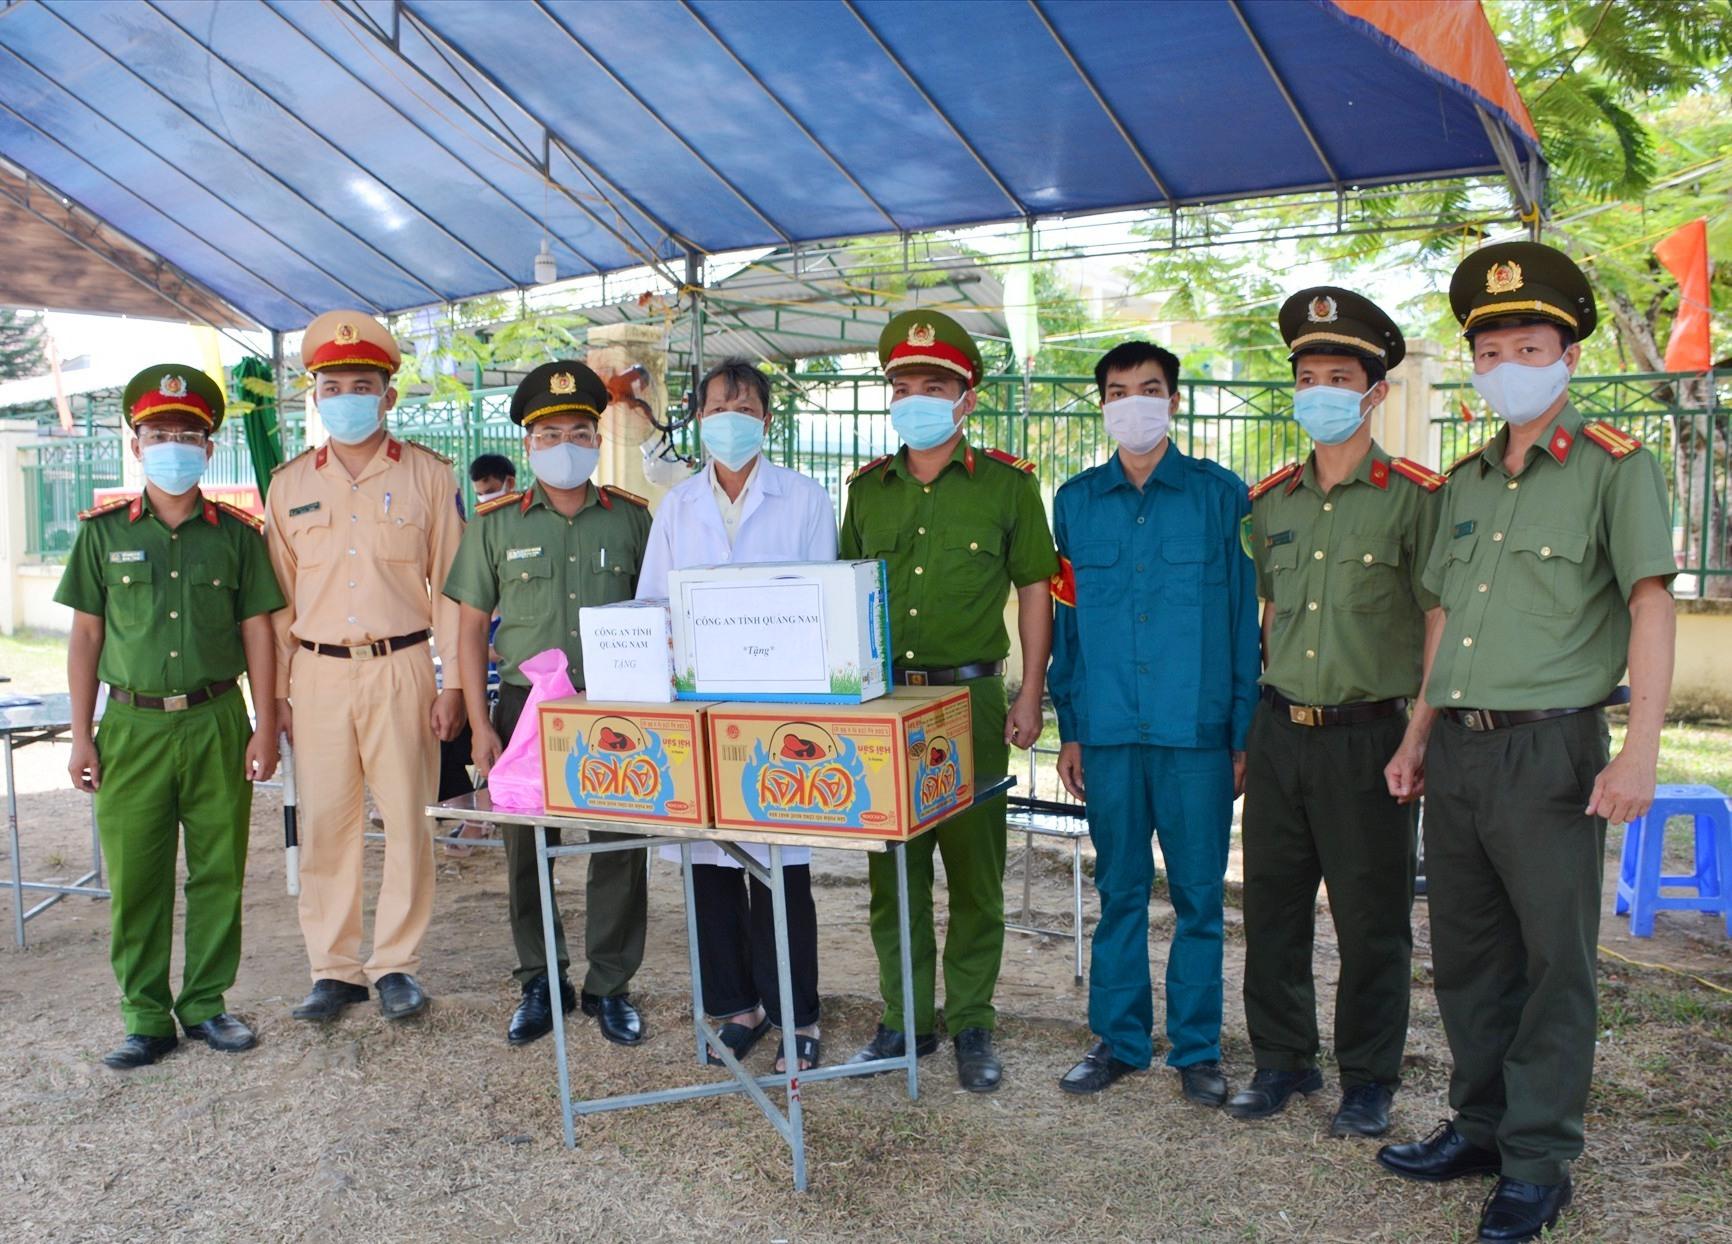 Đoàn công tác đến thăm, động viên và tặng quà cán bộ chiến sĩ đang làm việc tại chốt kiểm soát. Ảnh: Q.H